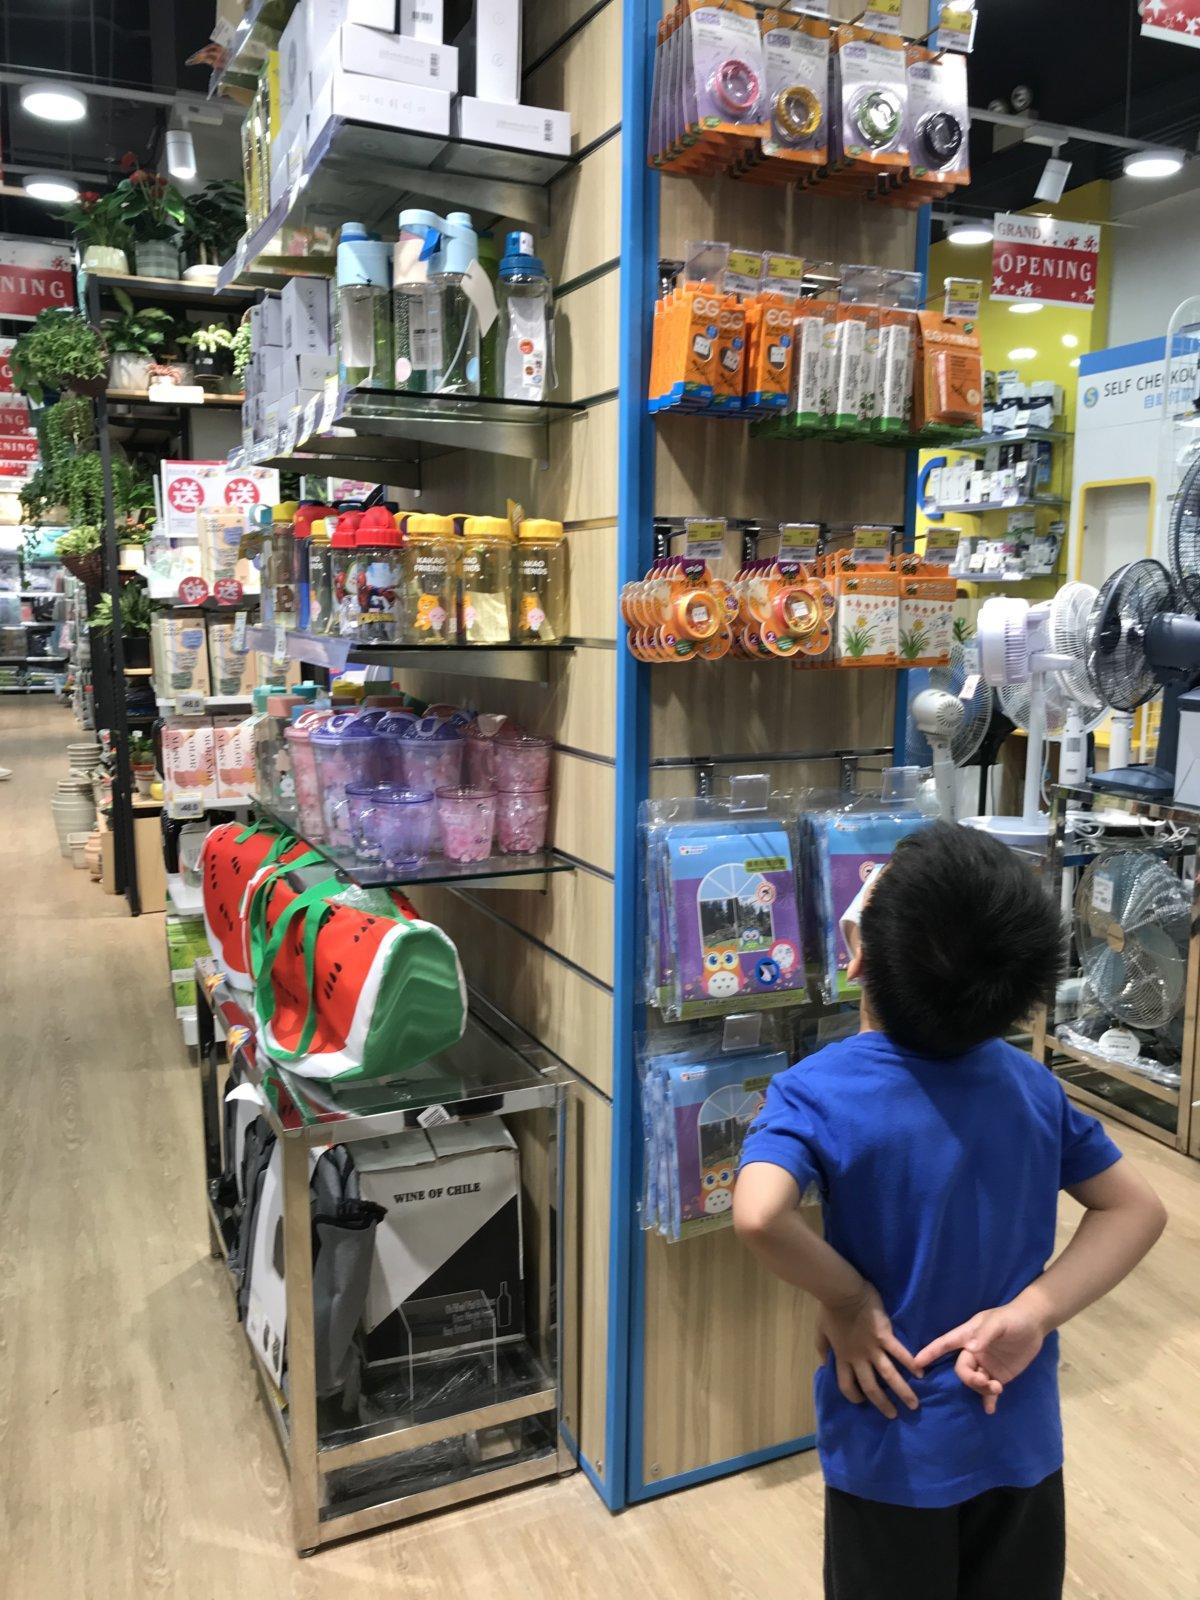 兩小決定買日本城的股票後,每次經過,都想入內「巡舖」。